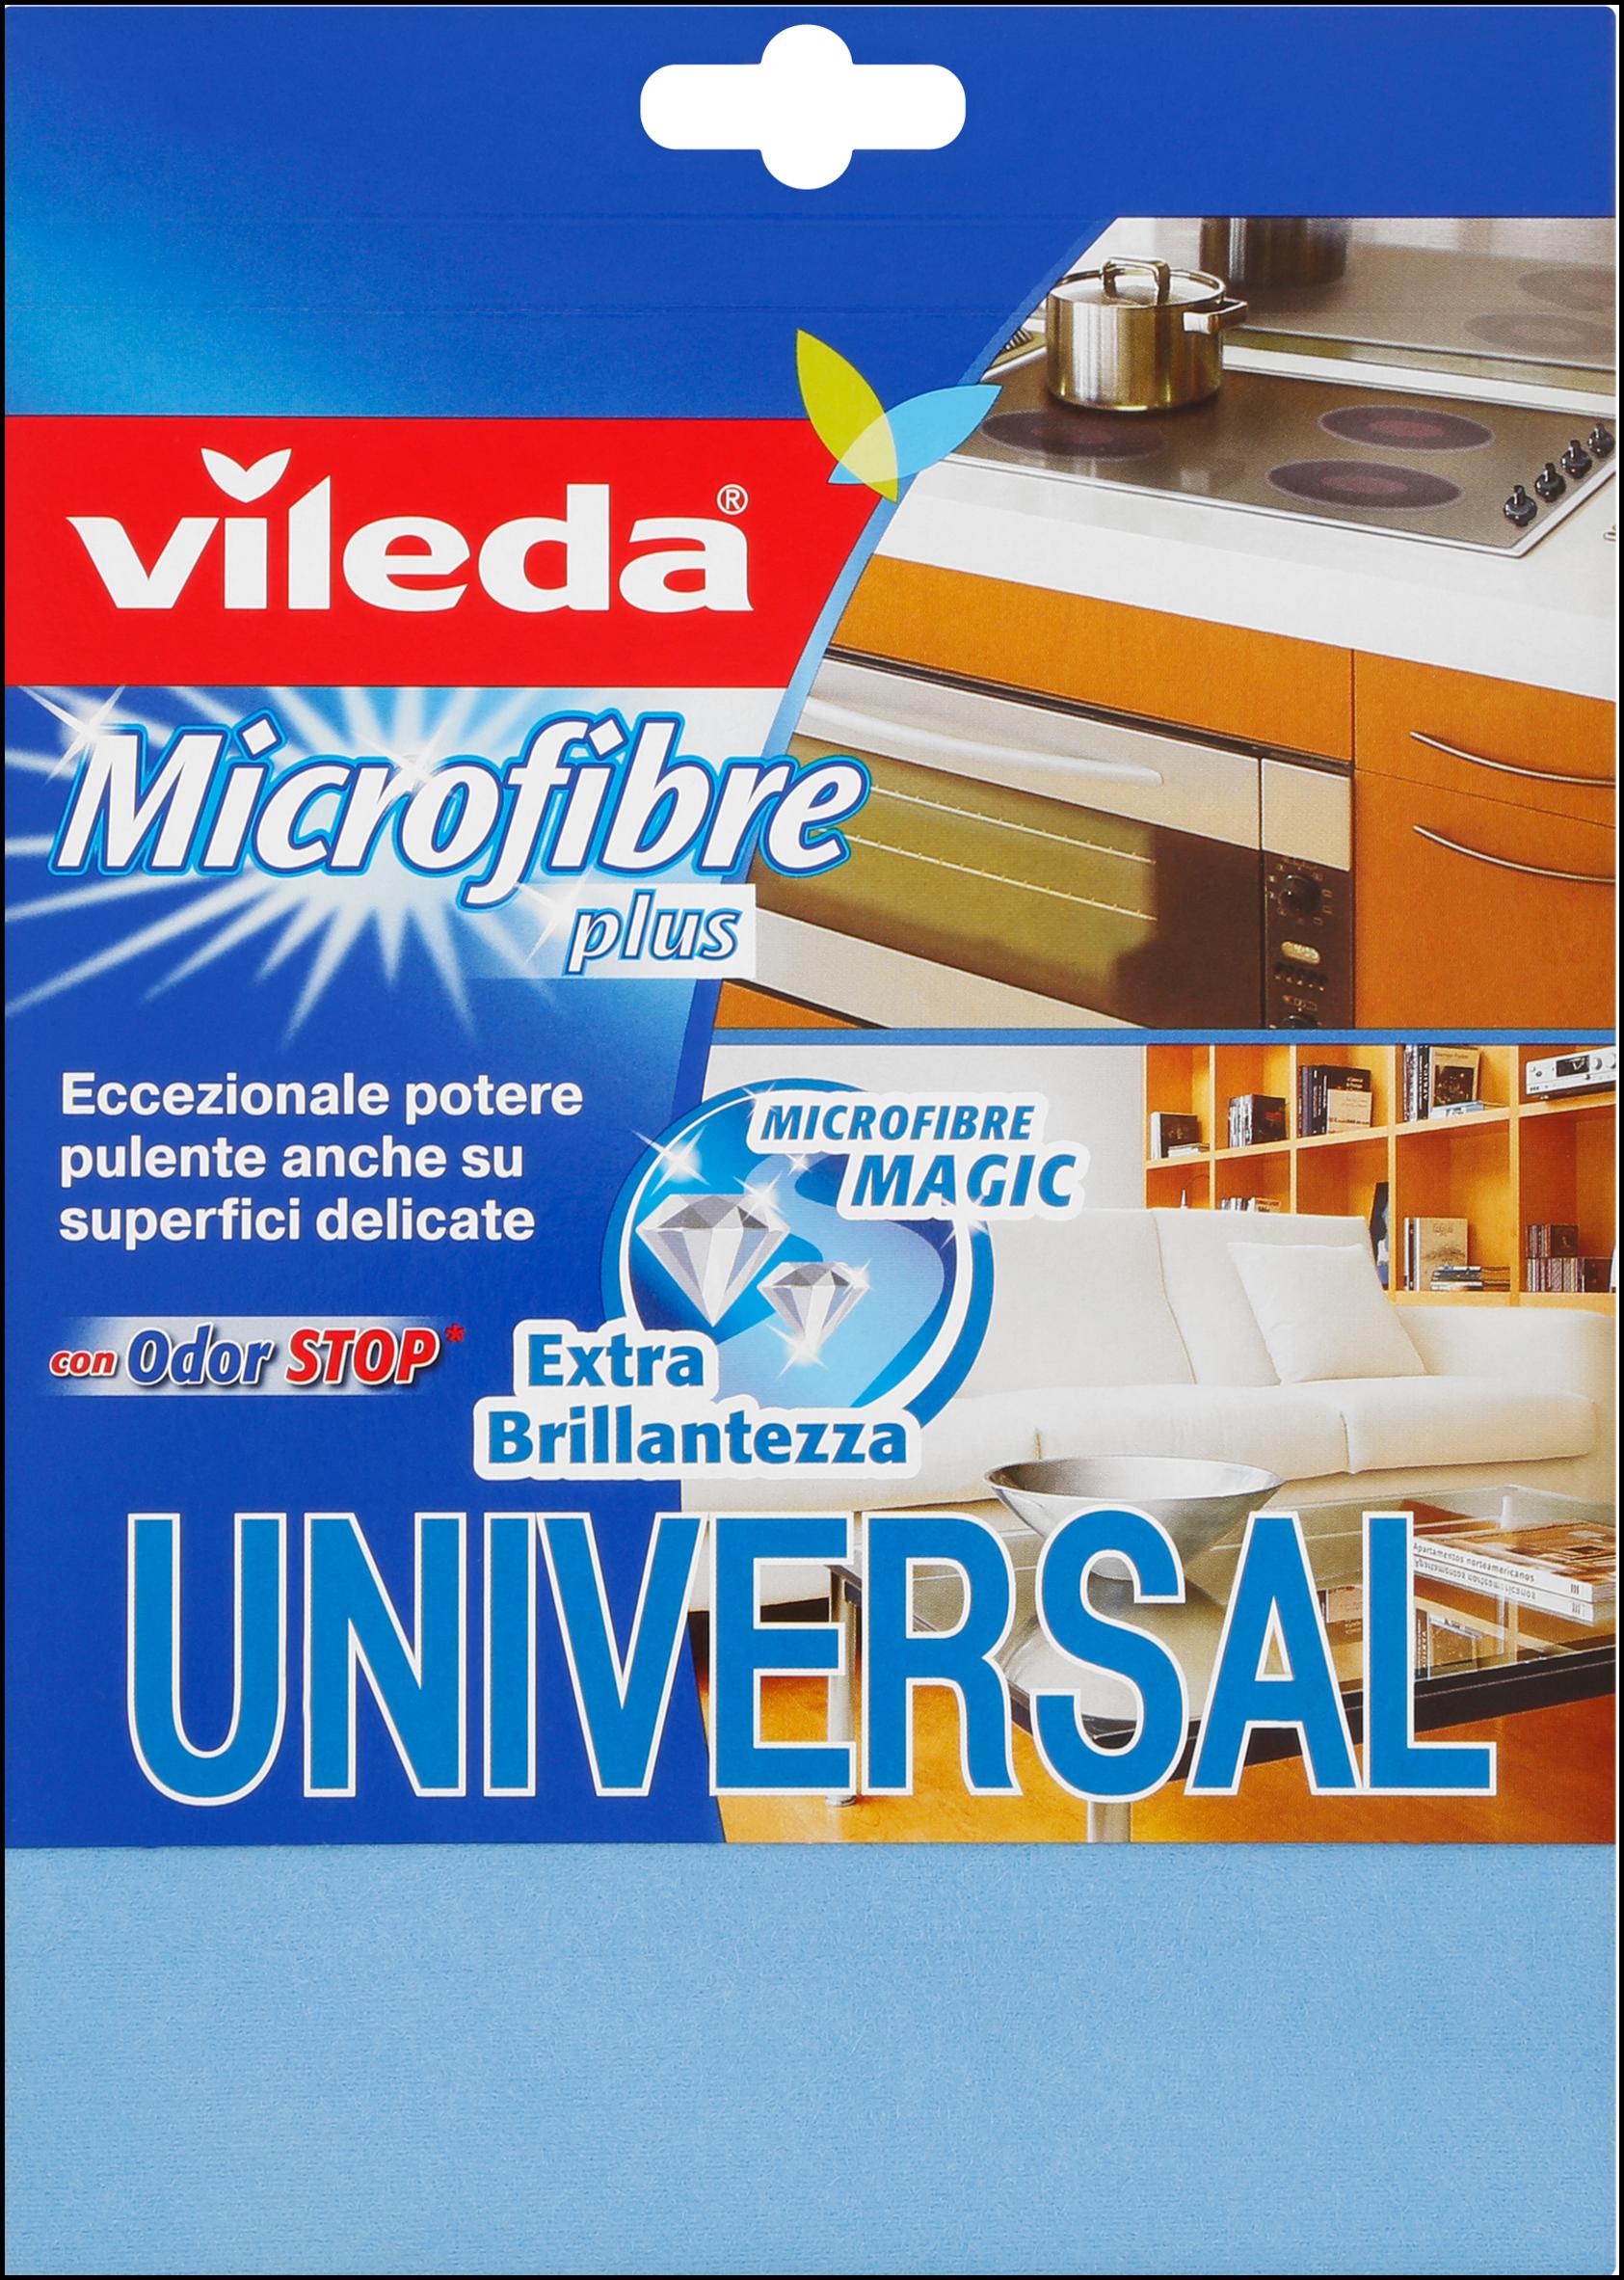 PANNO VILEDA MICROFIBRA UNIVERSAL